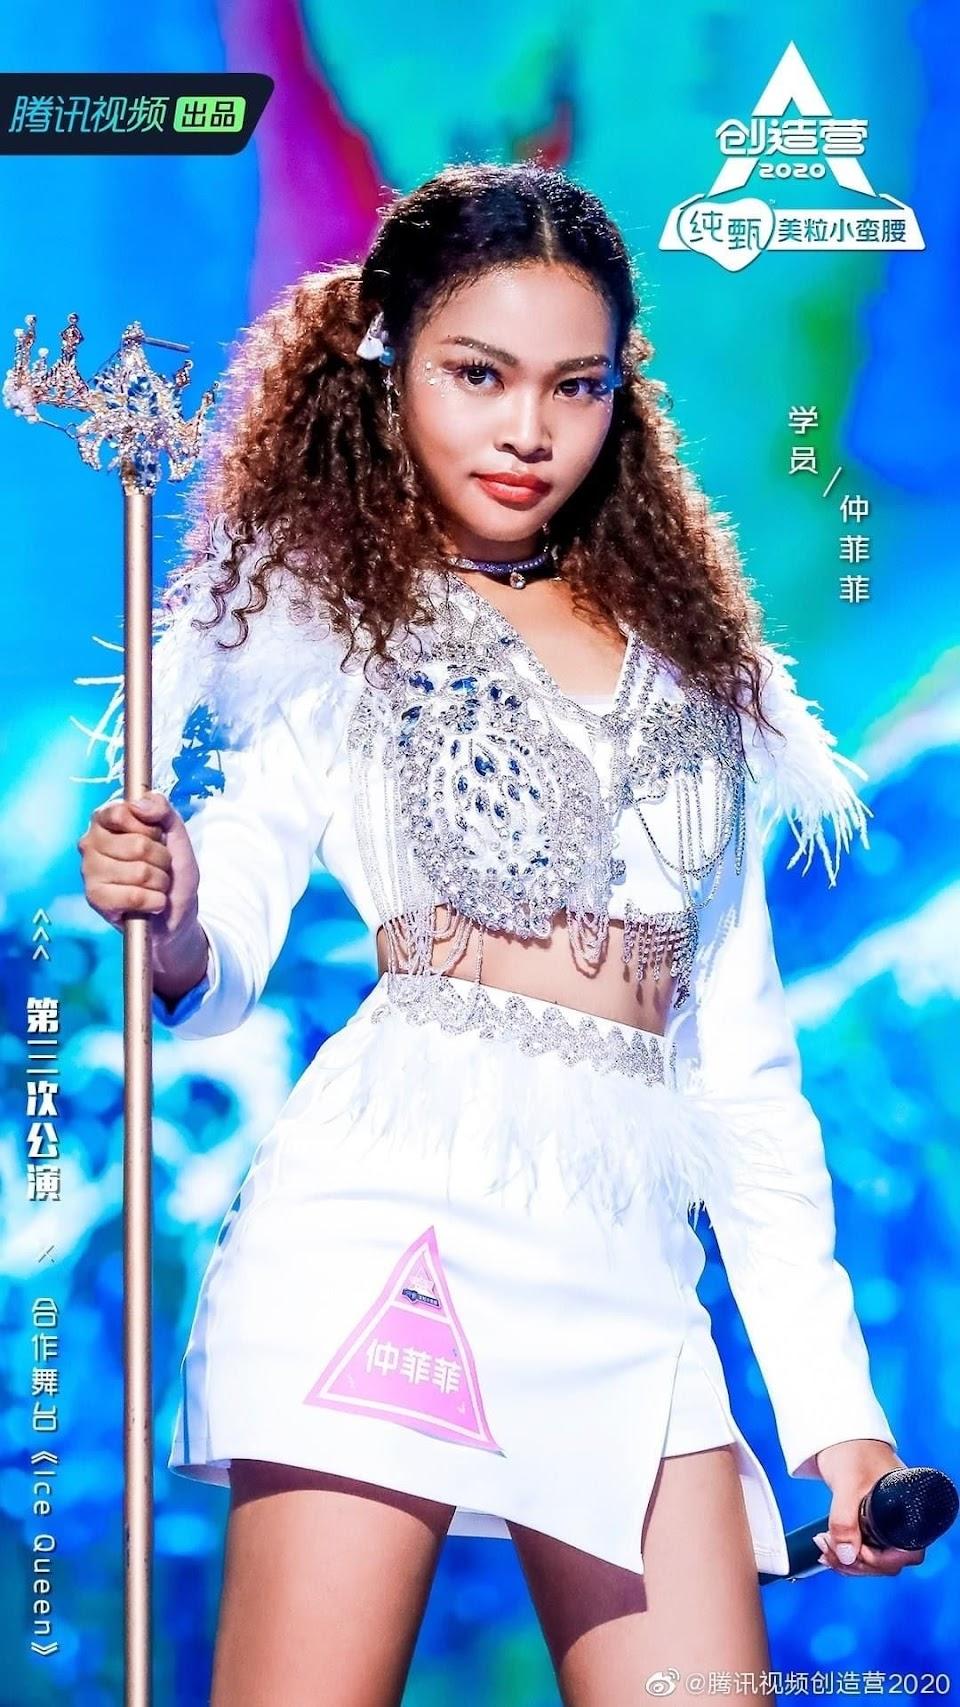 zhong feifei 2